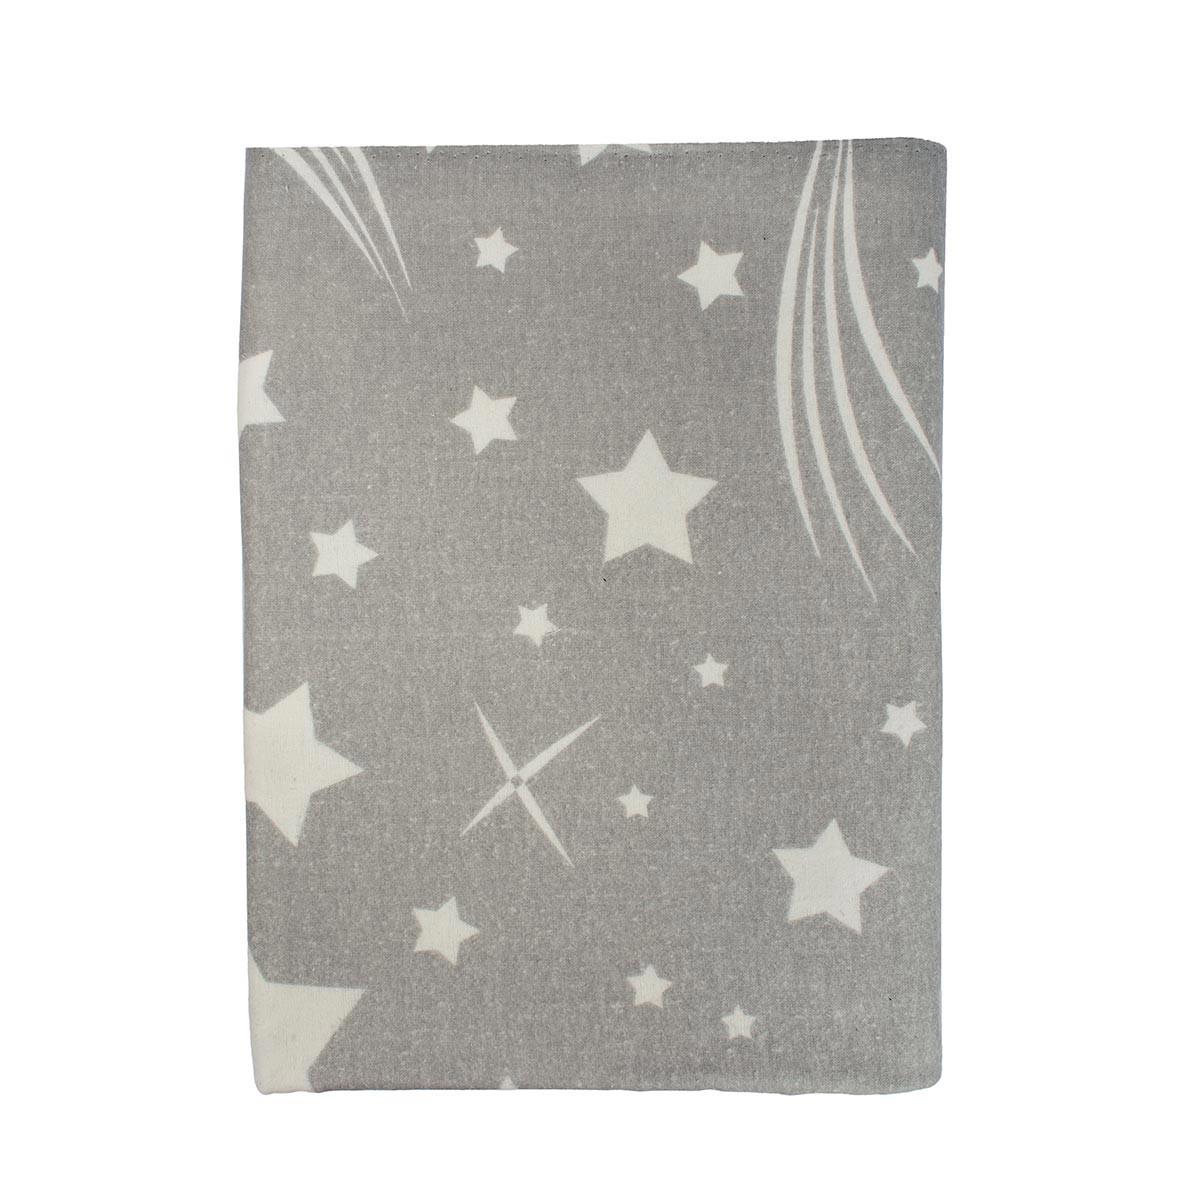 Φανελένιο Πάπλωμα Κούνιας Dimcol Star 38 Grey